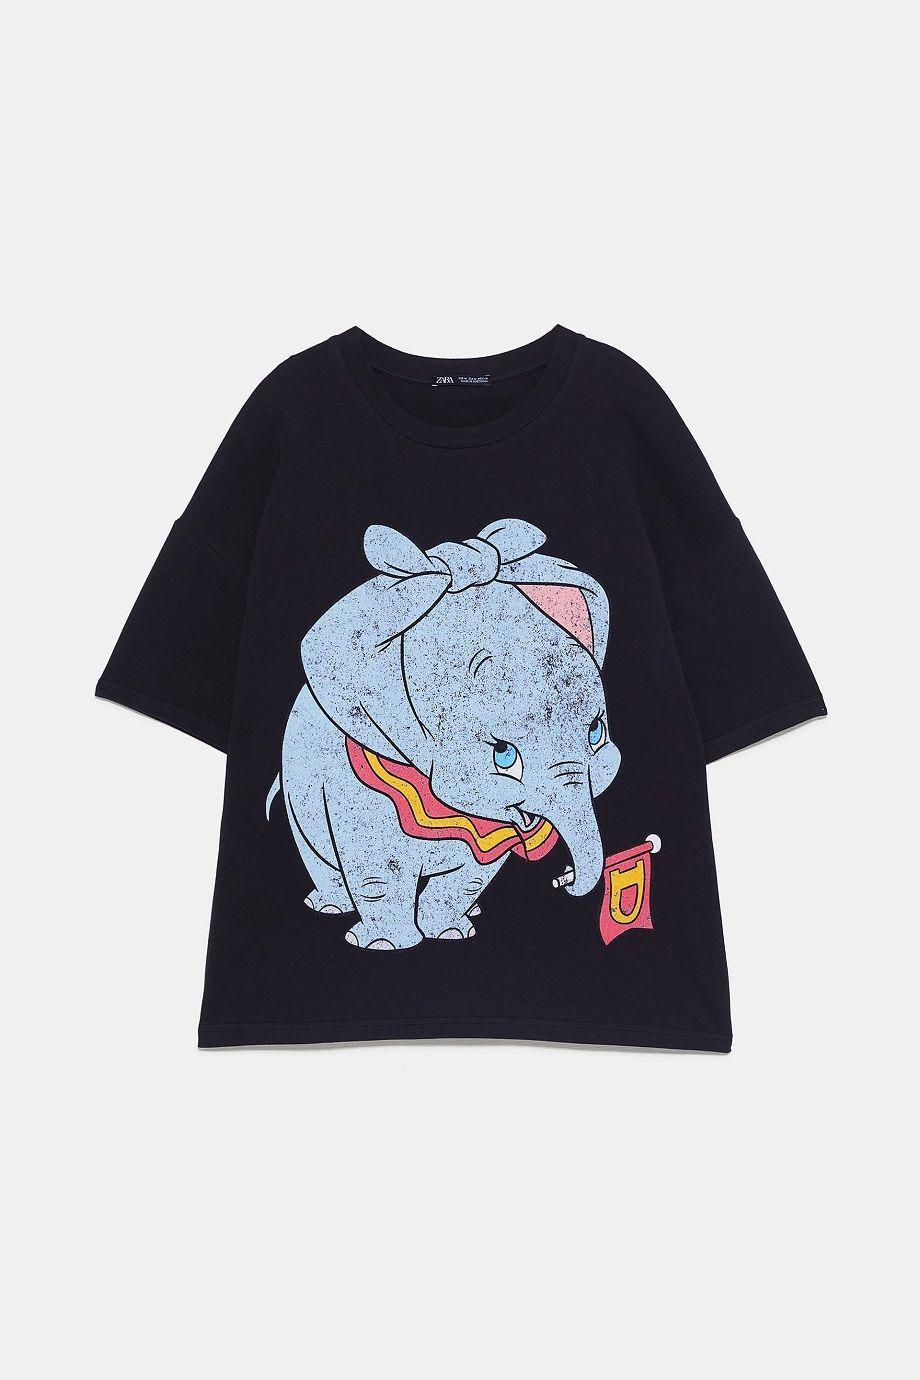 On Point! 7 T-shirt Hitam Terkeren di Minggu Ini